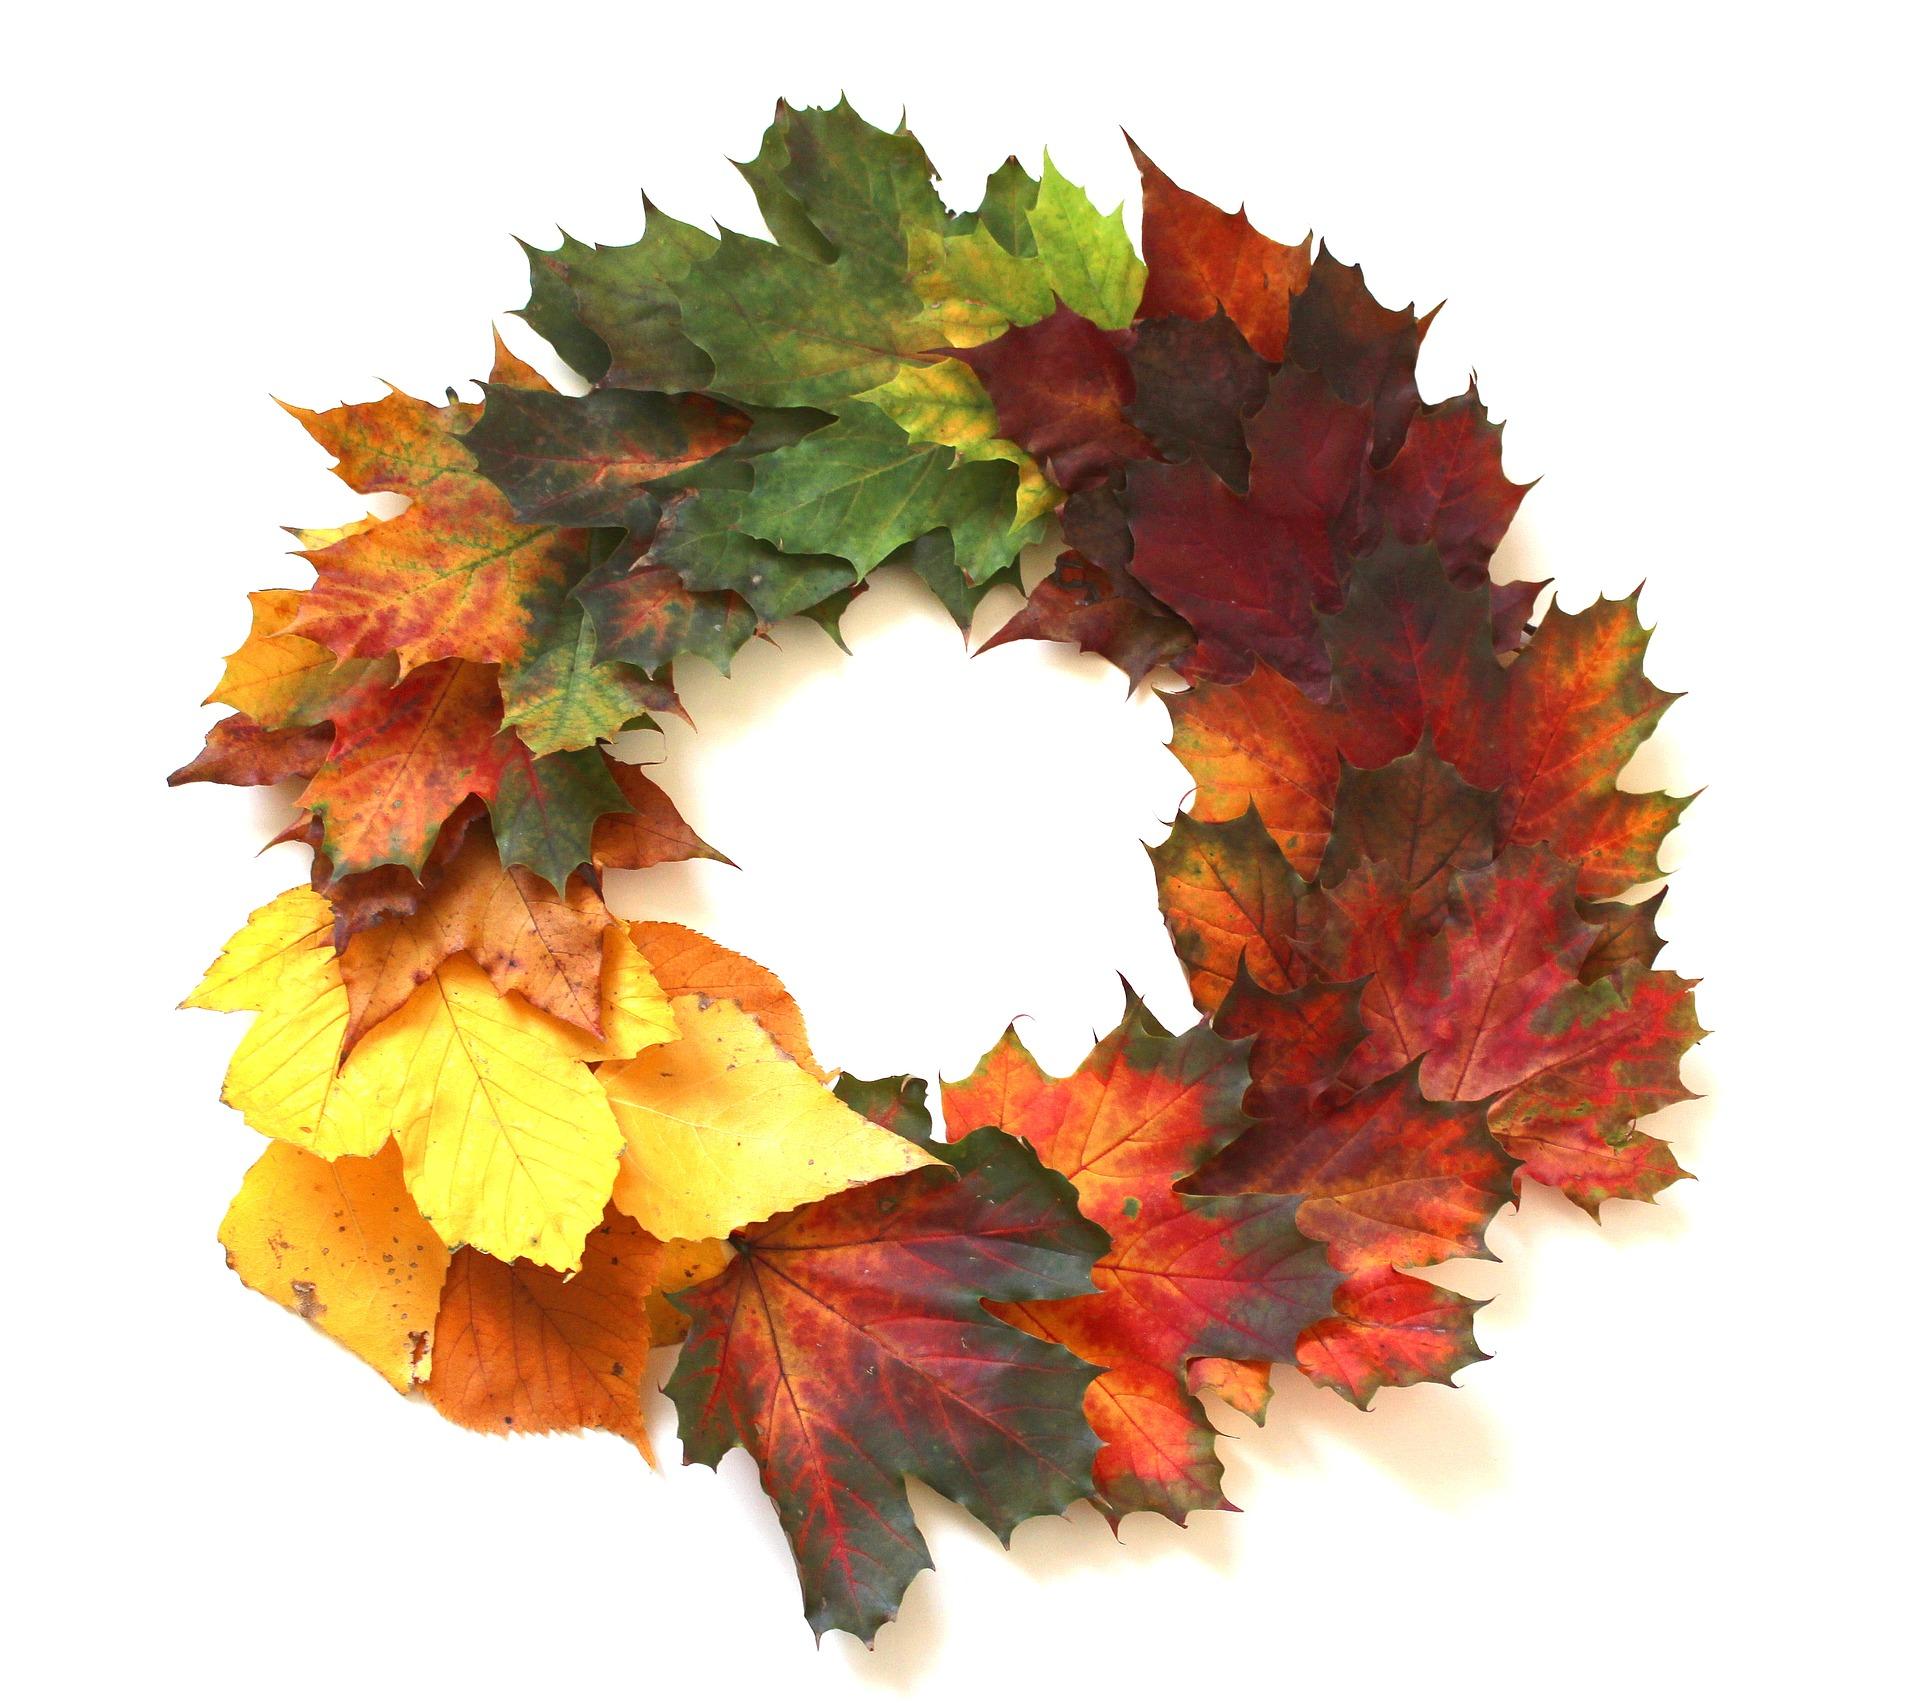 leaves-2854366_1920.jpg